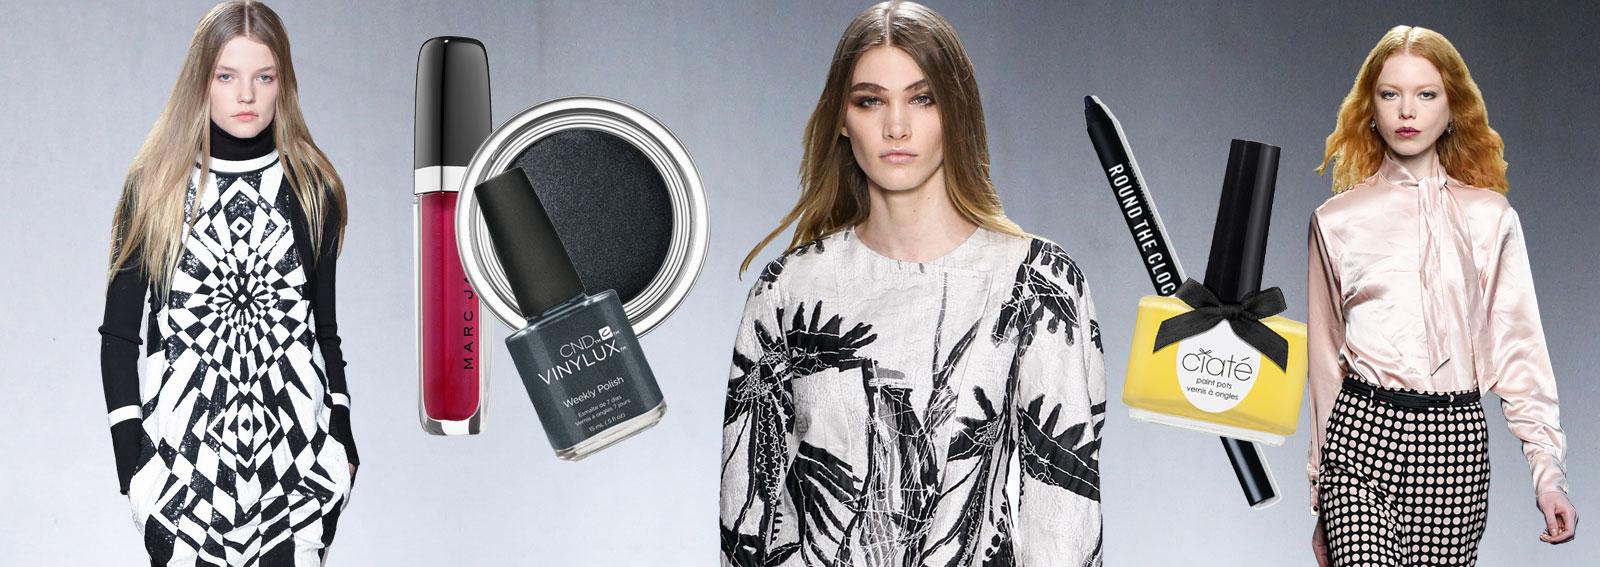 cover-abiti-bianco-e-nero-10-desktop